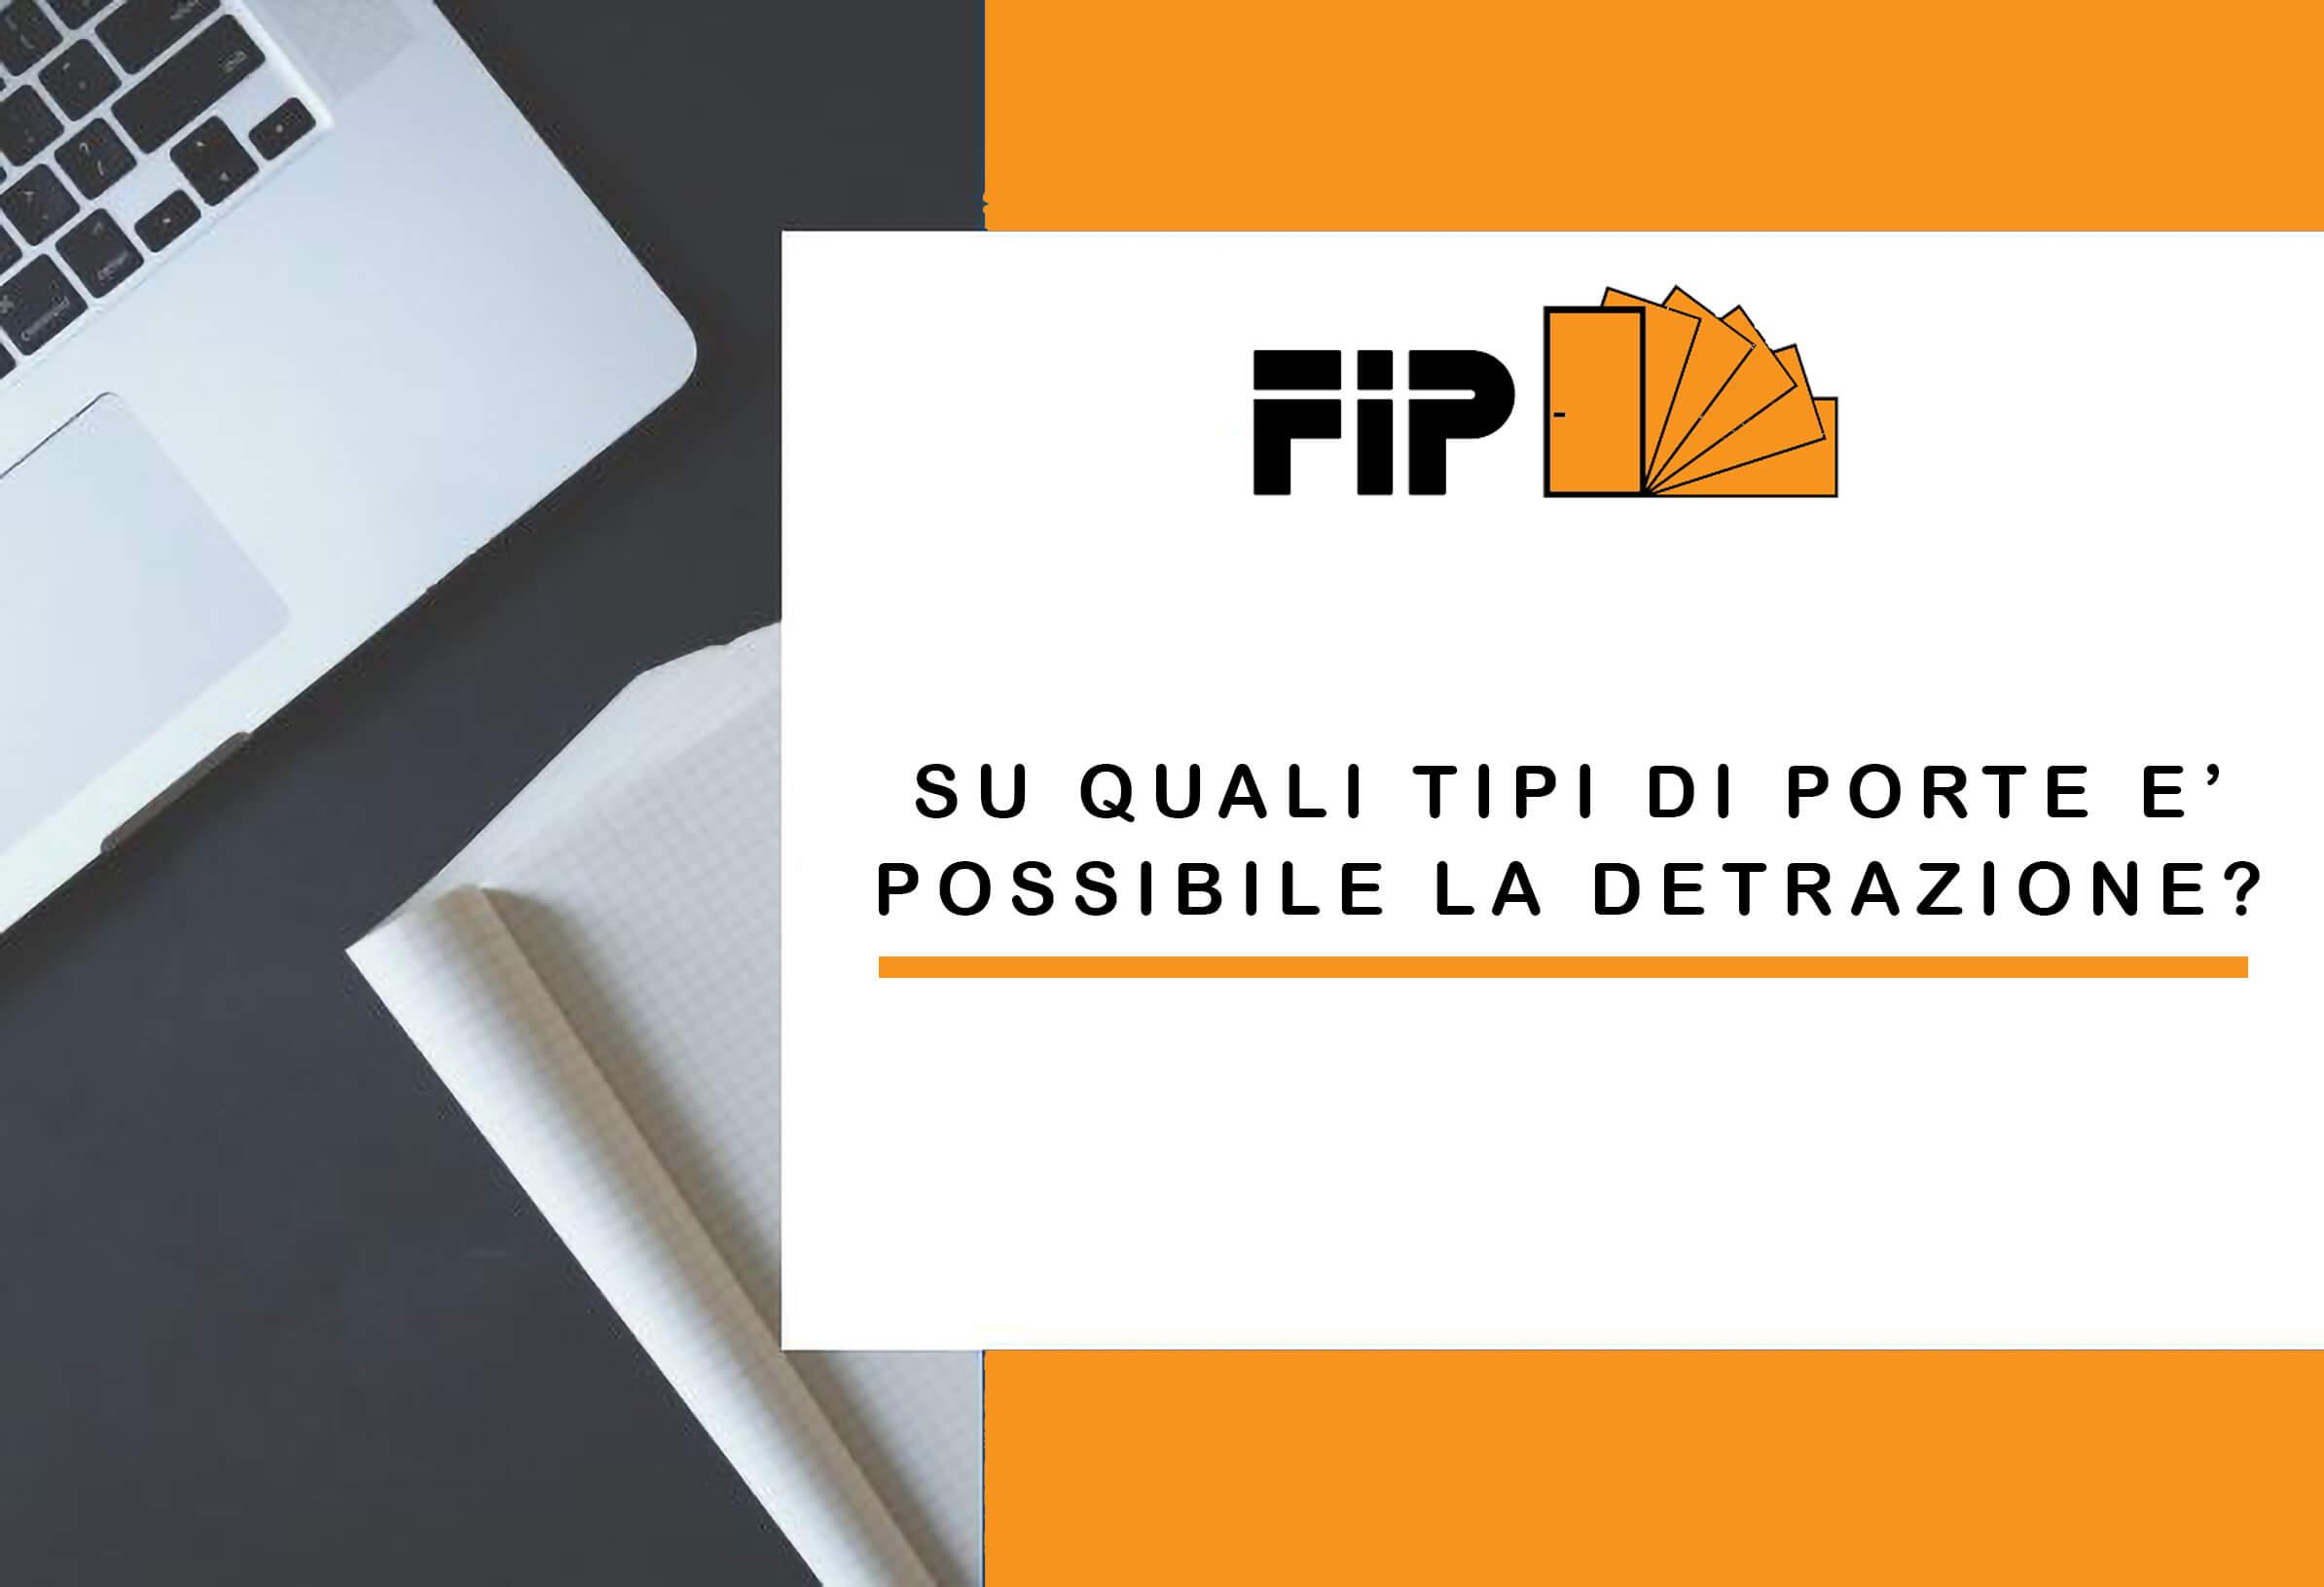 Sostituzione Porte Interne Detrazione detrazioni ristrutturazione e bonus infissi, vantaggi fiscali